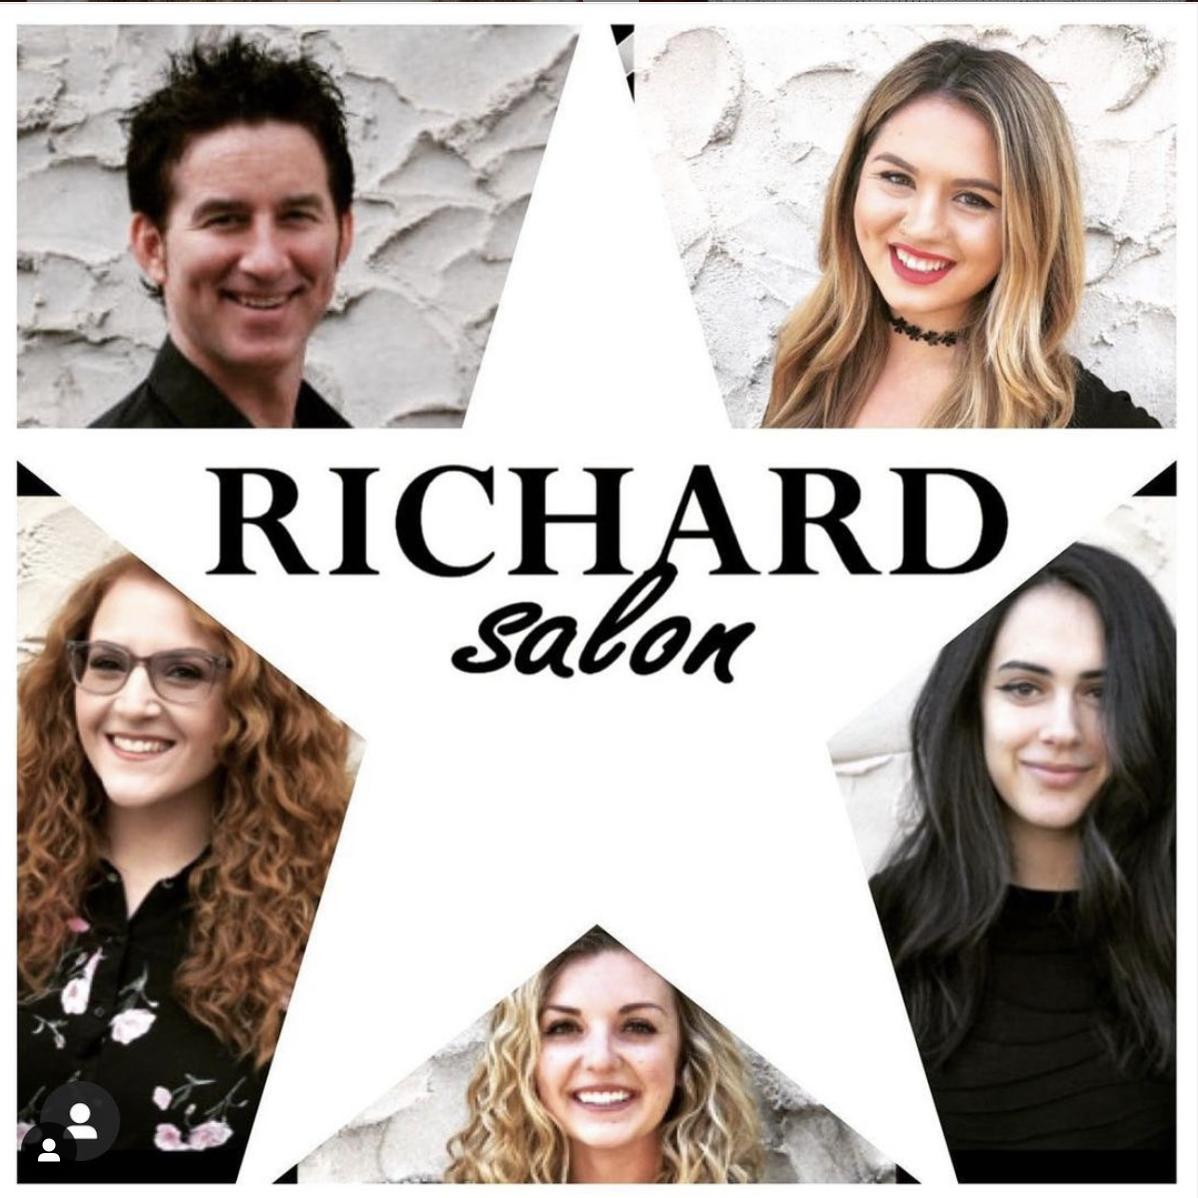 Richard Salon Demo